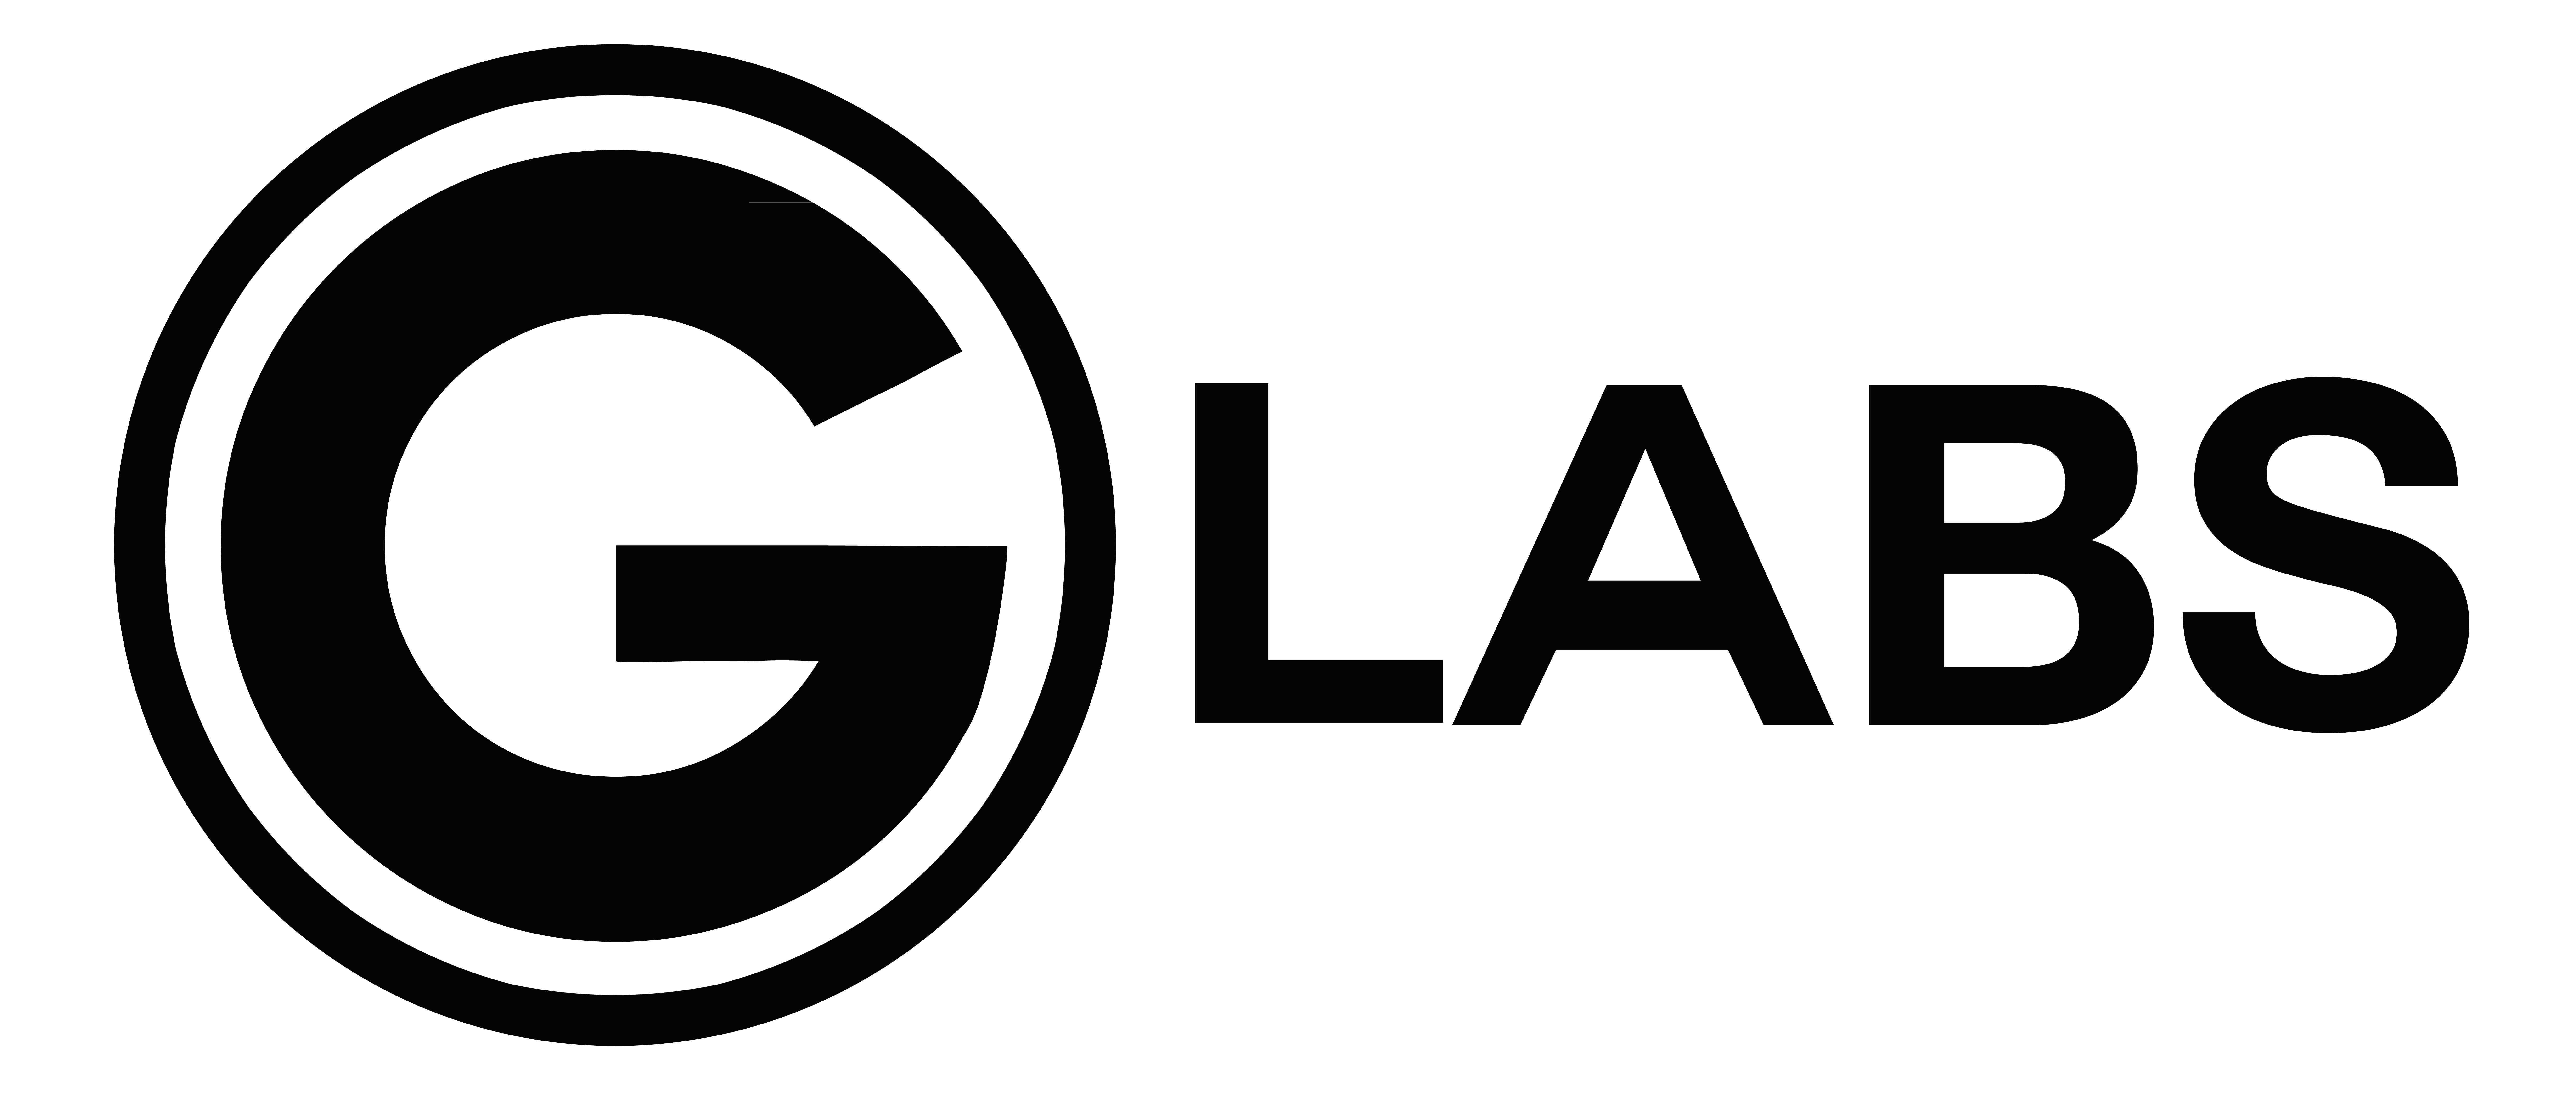 G Labs